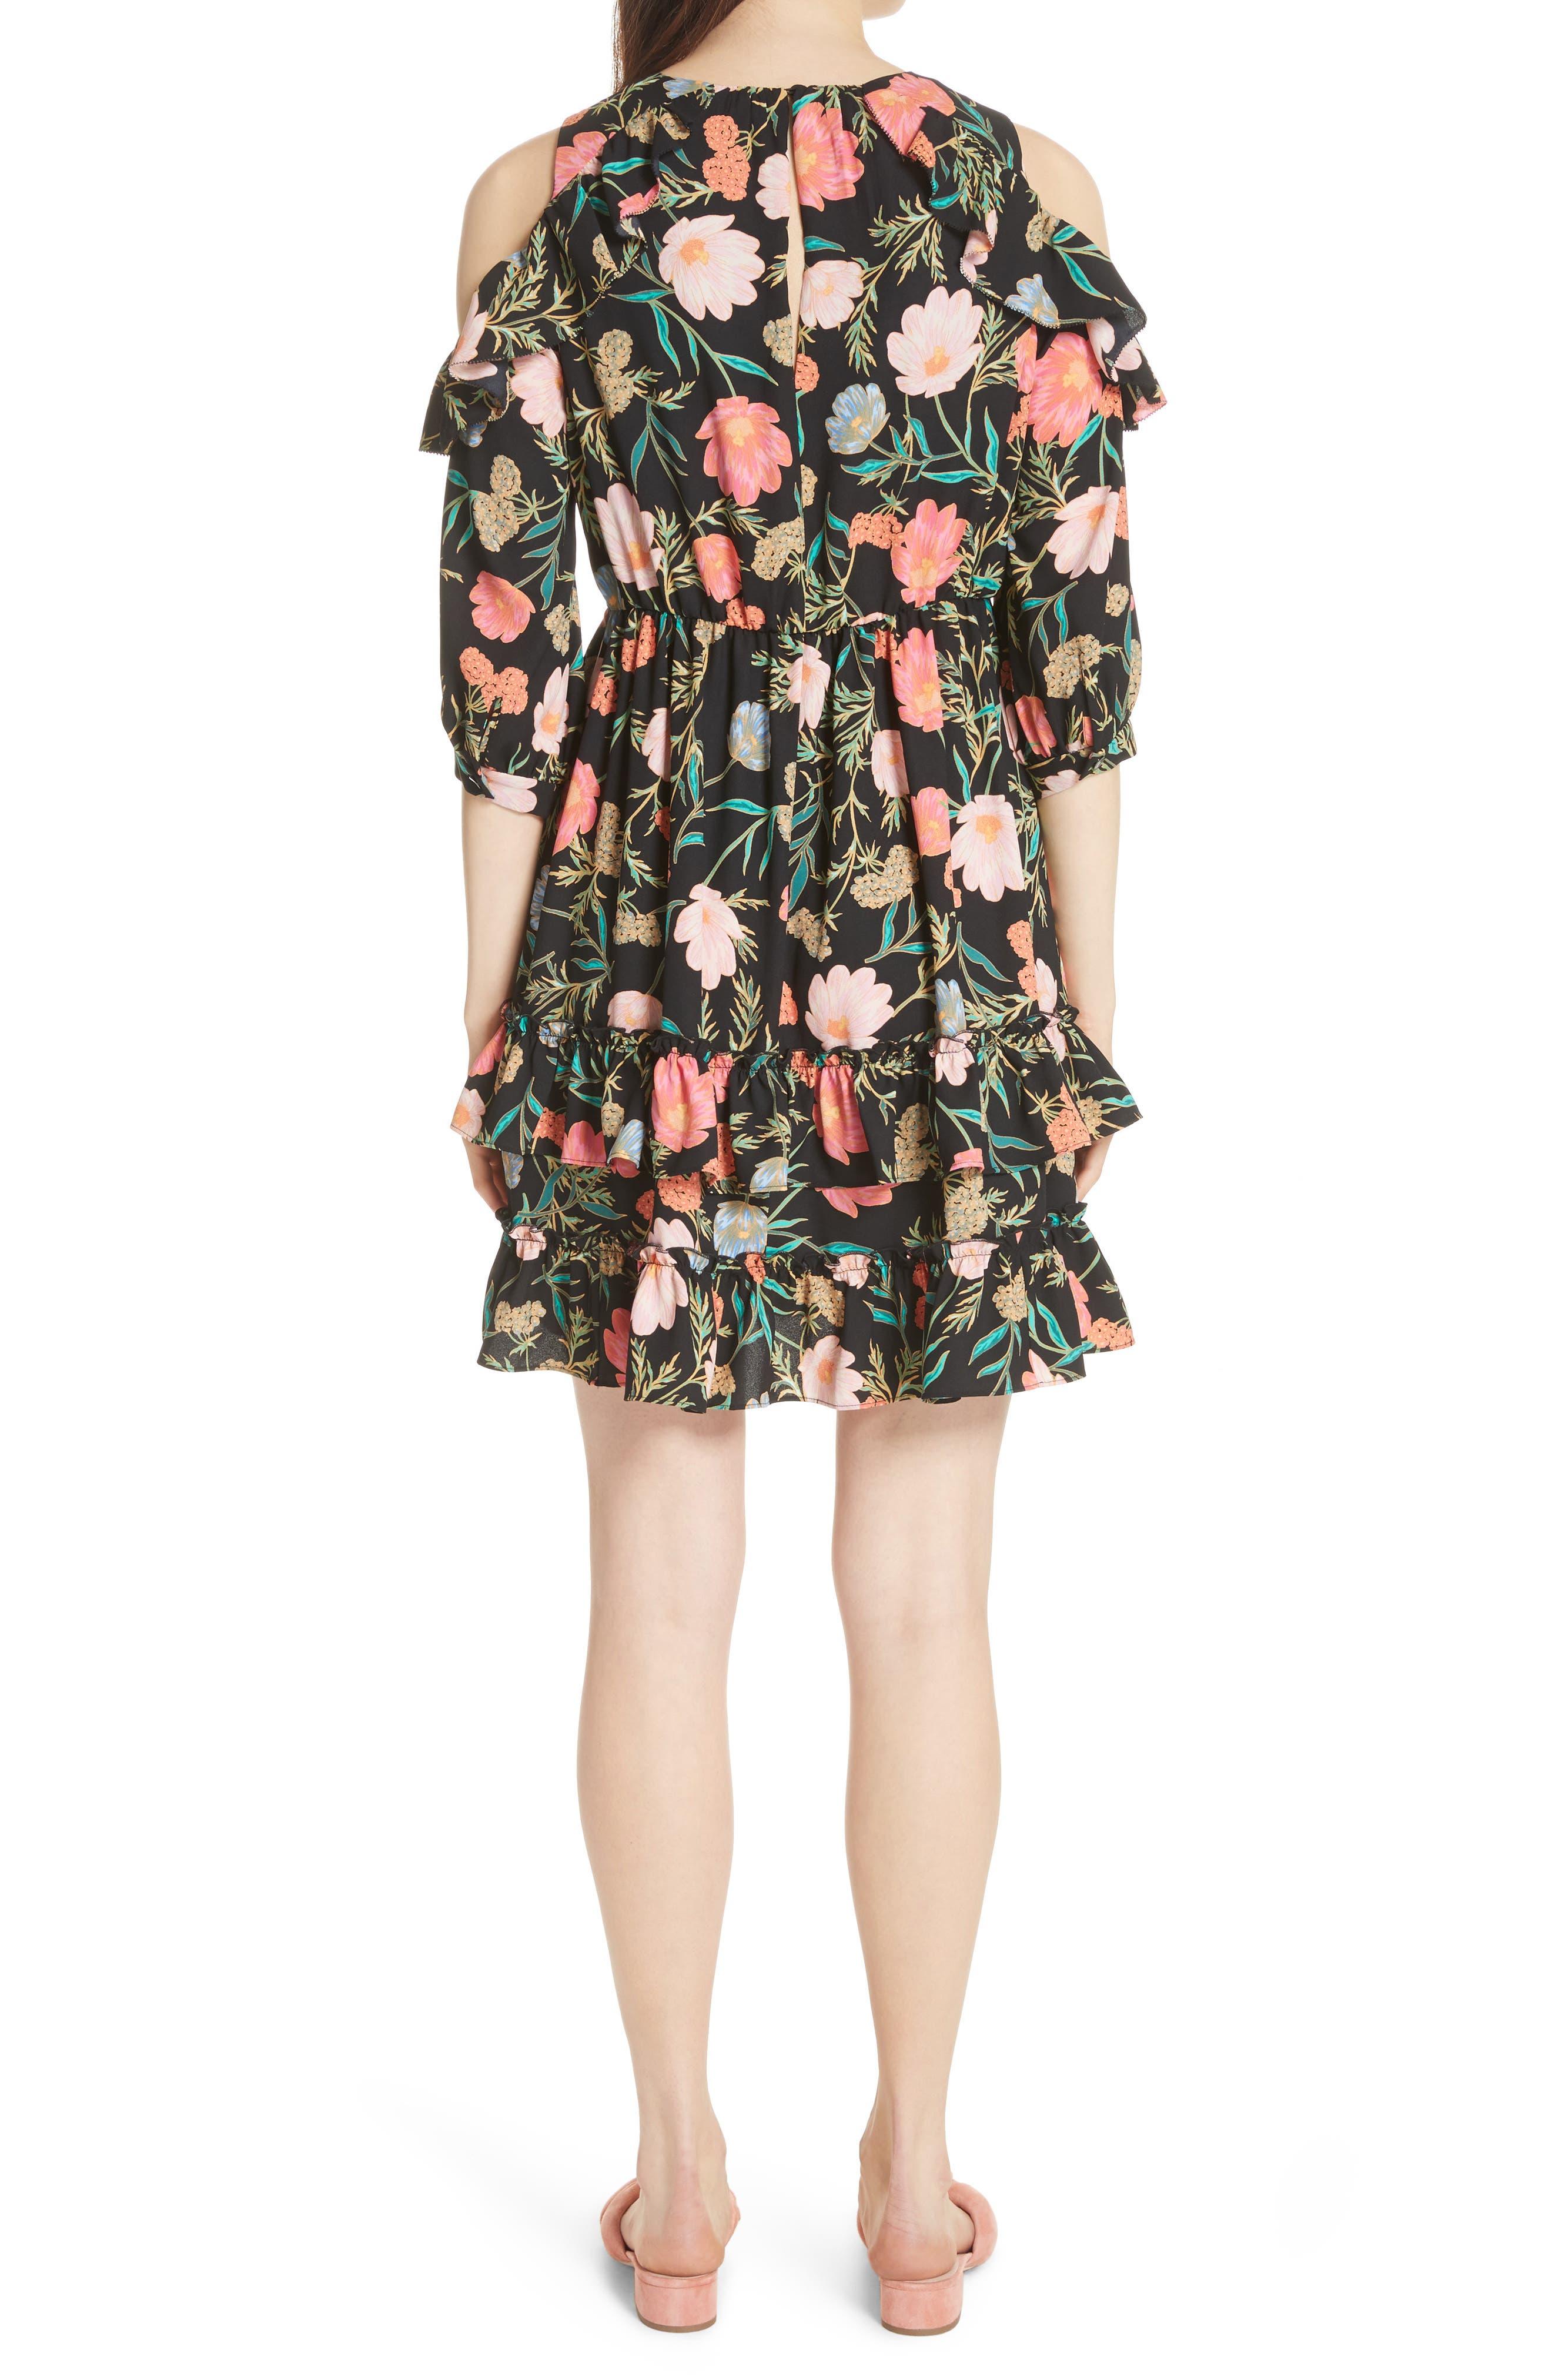 blossom cold shoulder dress,                             Alternate thumbnail 2, color,                             Black